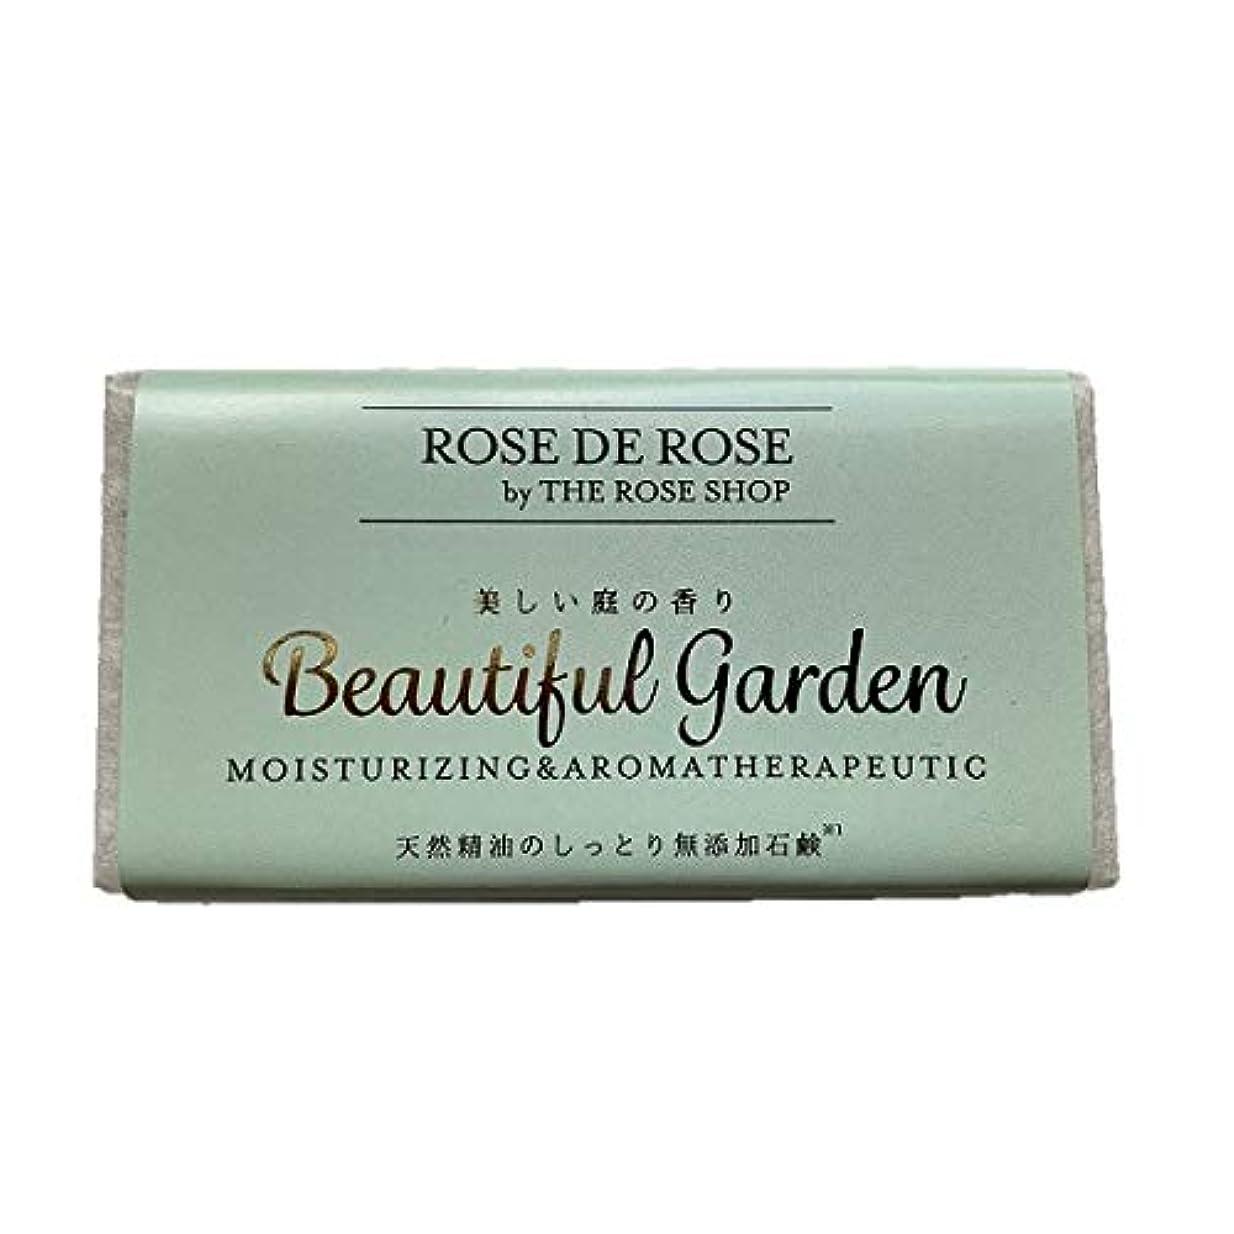 一時解雇するポジション安定した天然精油の無添加石鹸 「美しい庭の香り ビューティフルガーデン」2個セット